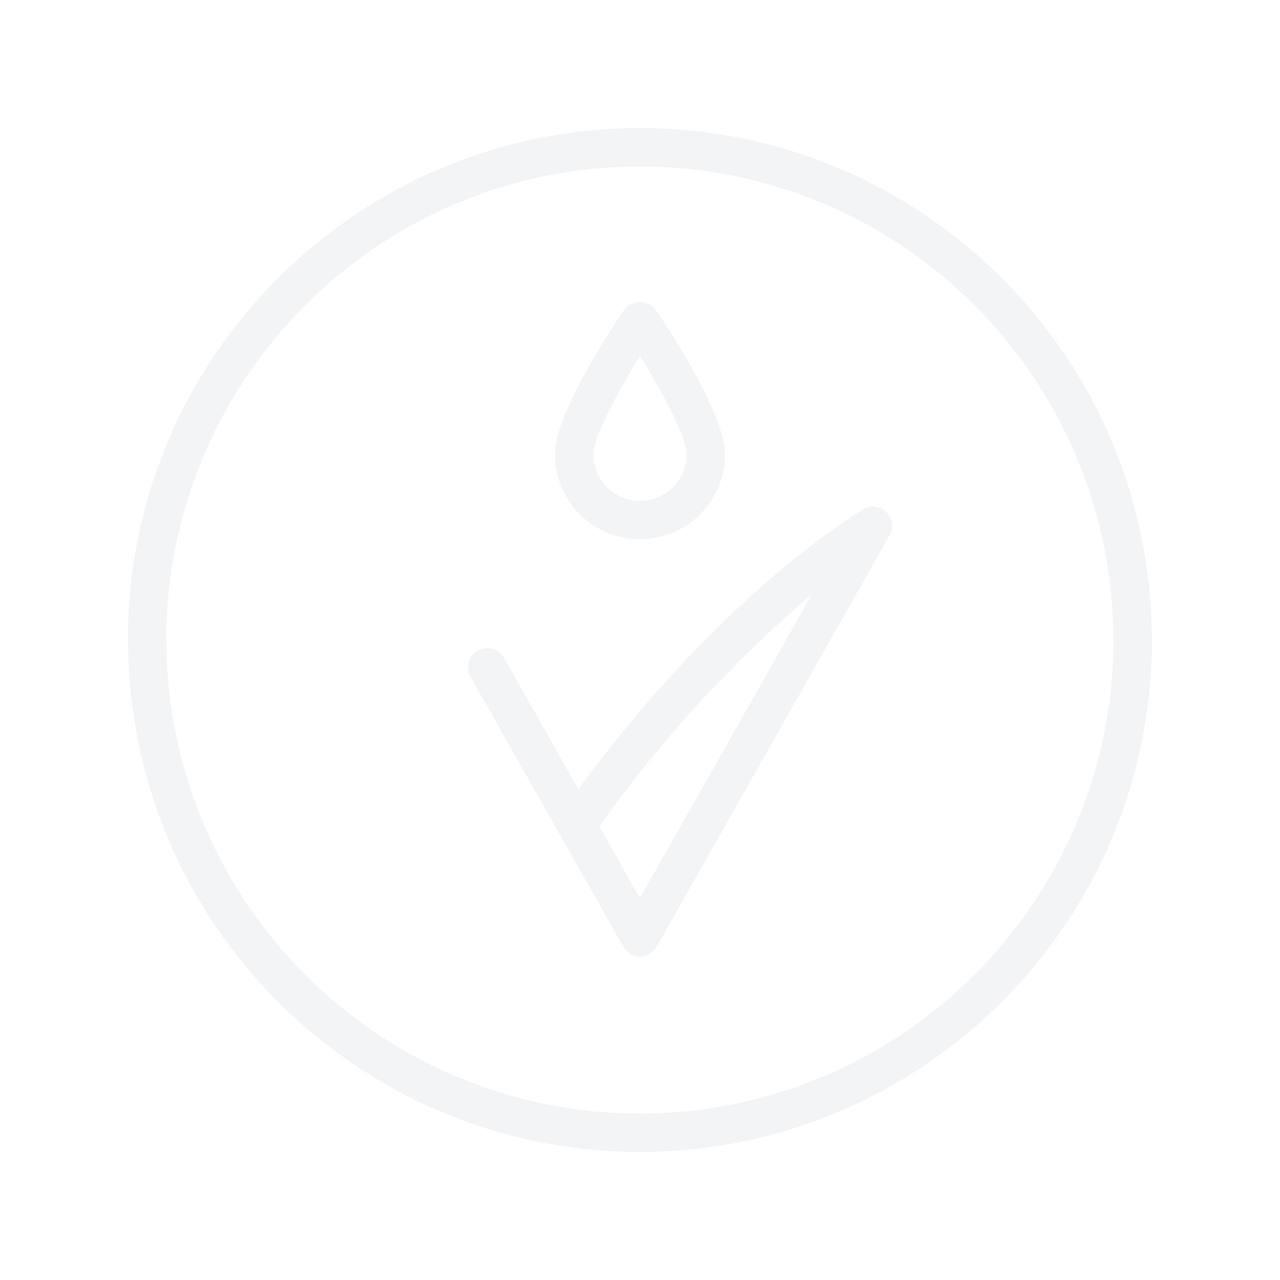 Dior Crayon Waterproof Eyeliner With Sharpener No.094 Trinidad Black 1.2g